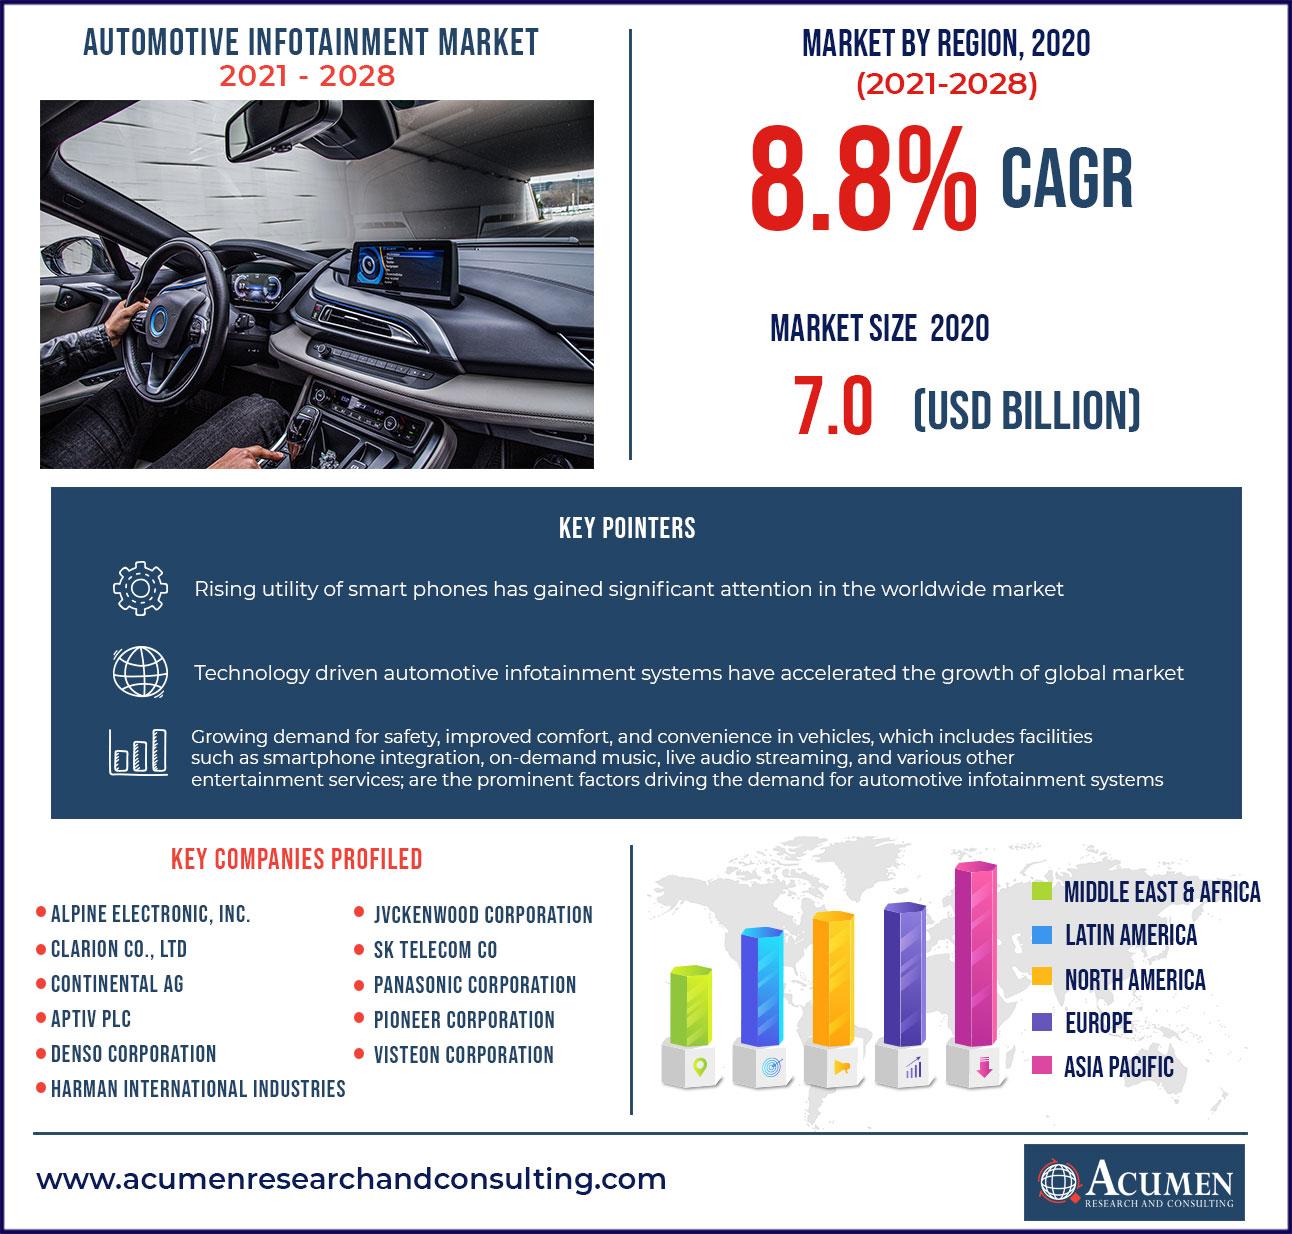 Automotive Infotainment Market - US$ 7.0 Bn in 2020